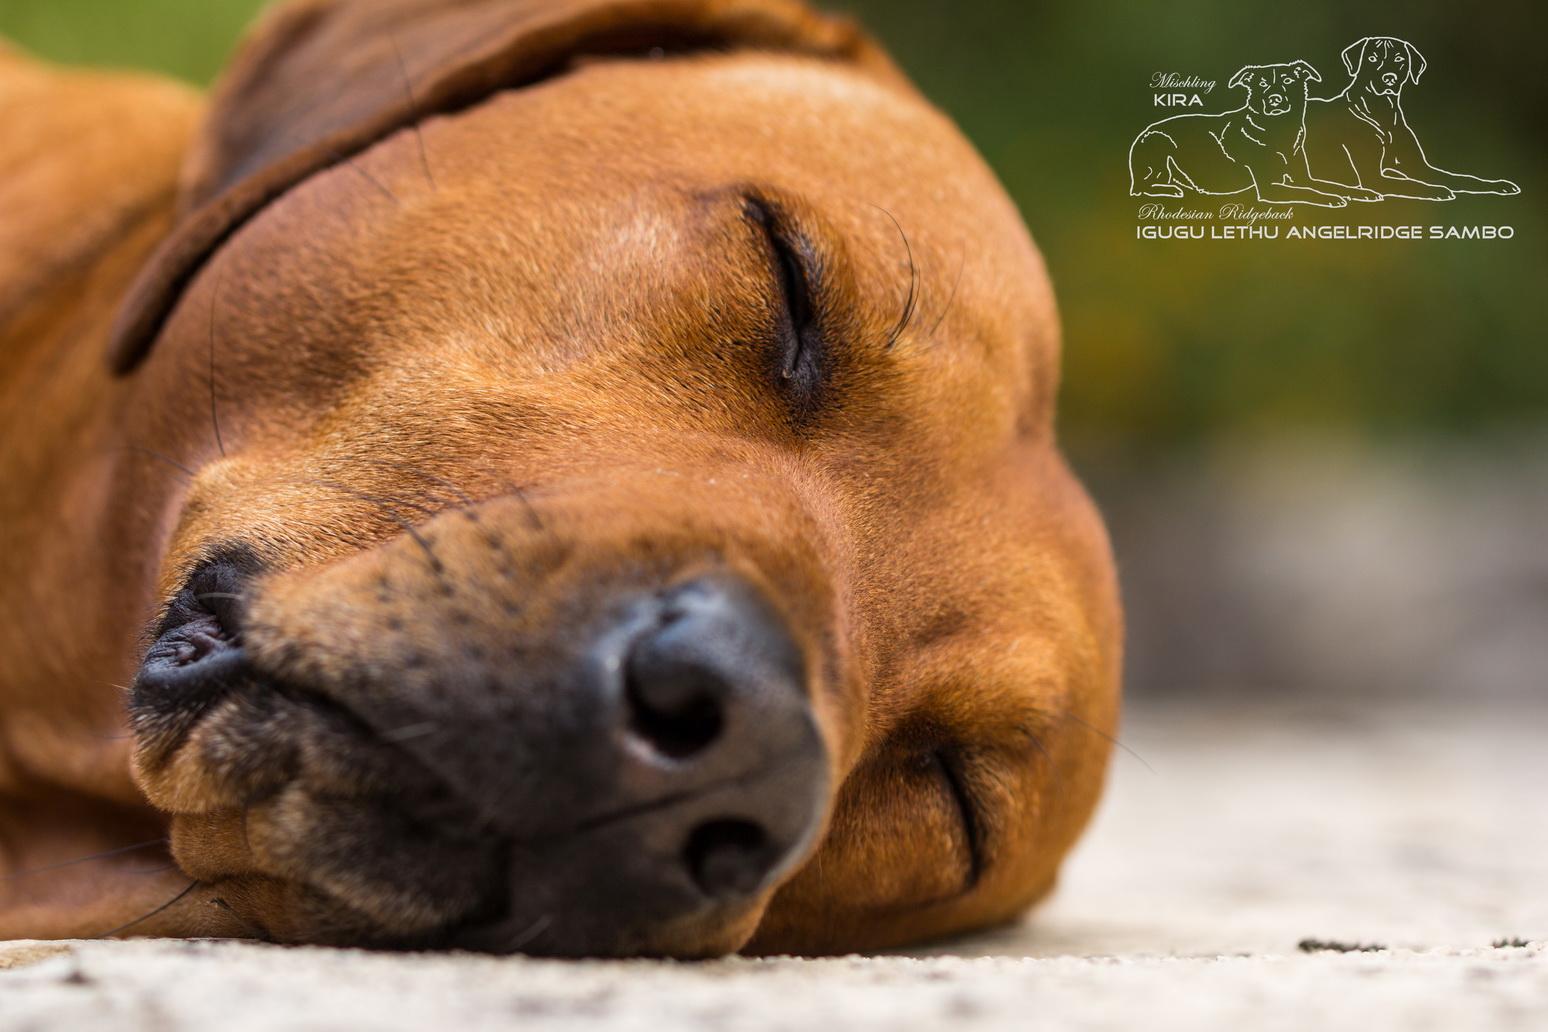 Ruhe und Entspannung - das gilt auch für Sambo